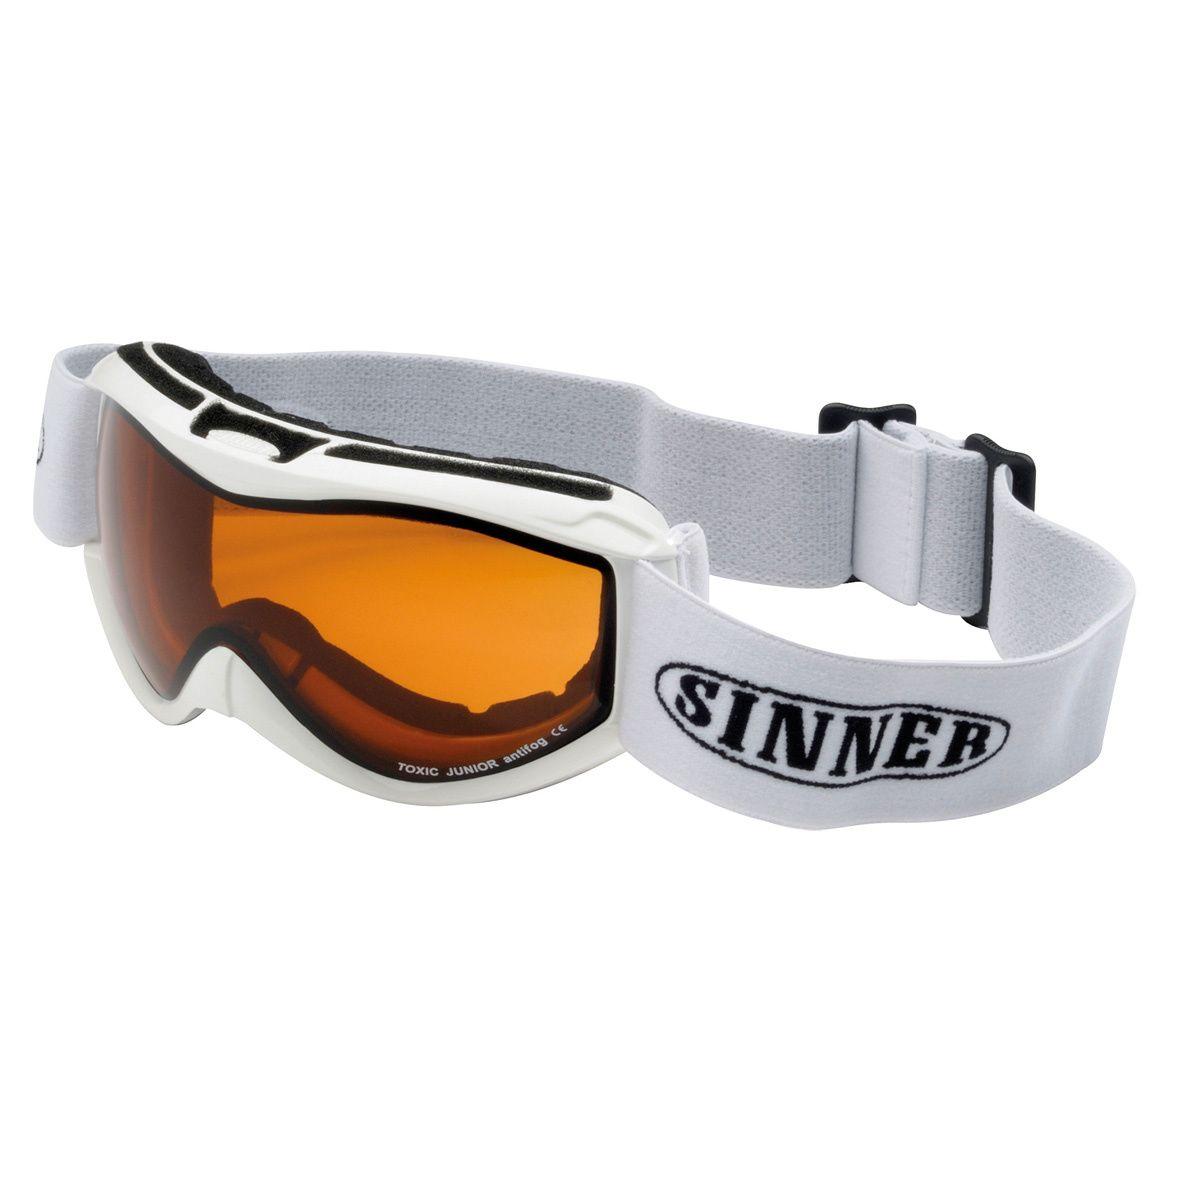 Sinner Skibrille Toxic für 19,99 Euro (Preisvergleich ab 34,99 Euro)